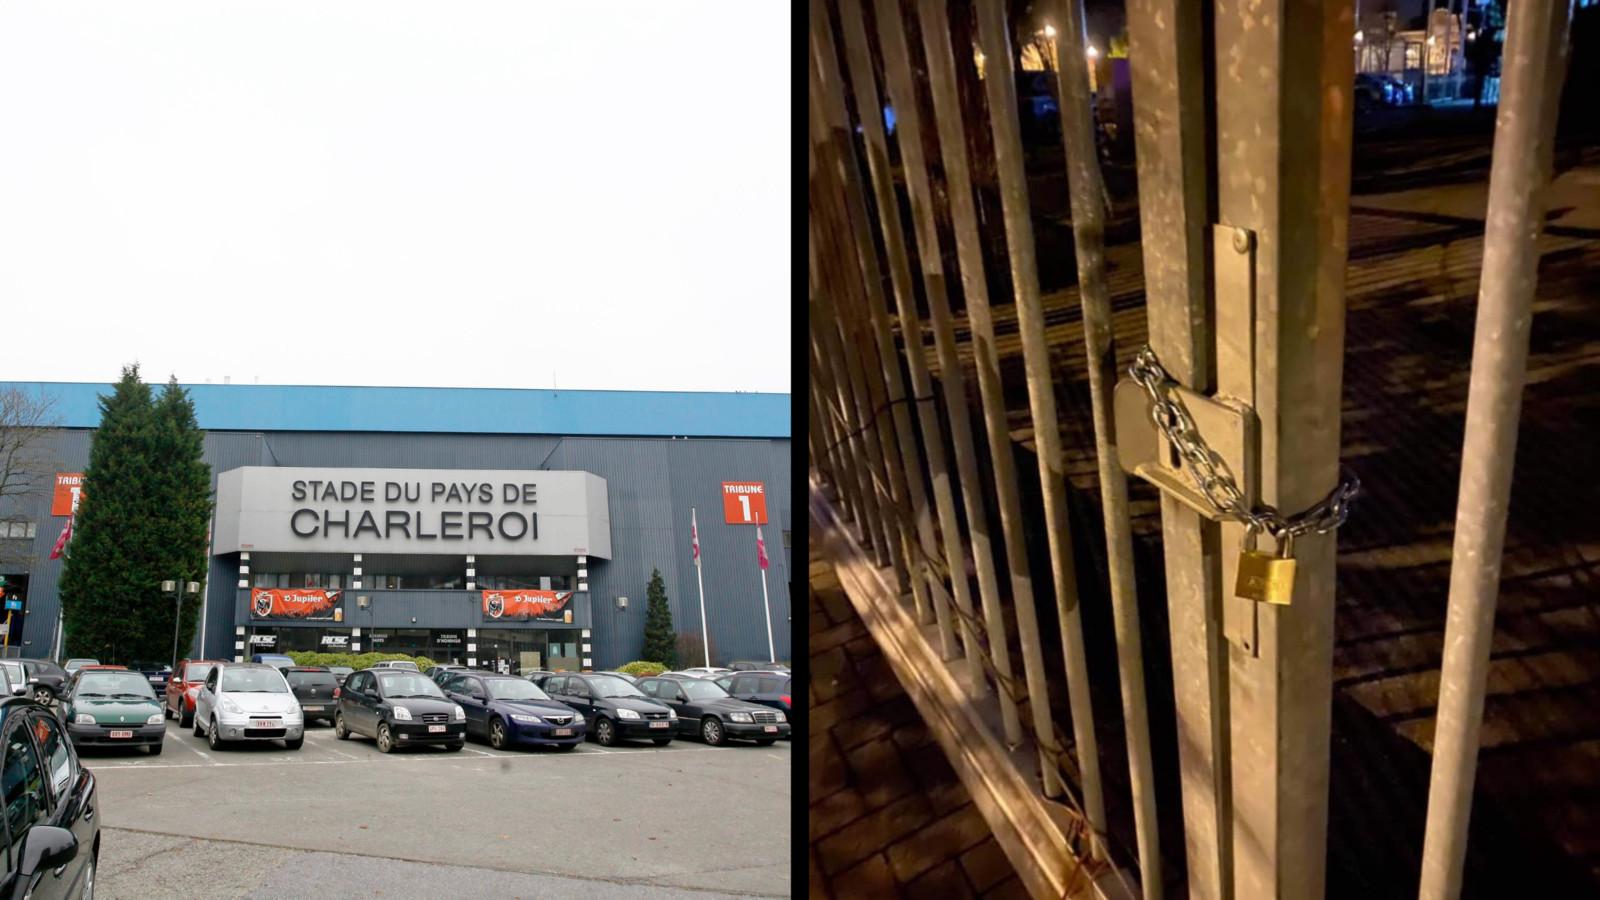 Les grilles du stade ont été cadenassés samedi soir après le match nul du Sporting Charleroi à Beveren.